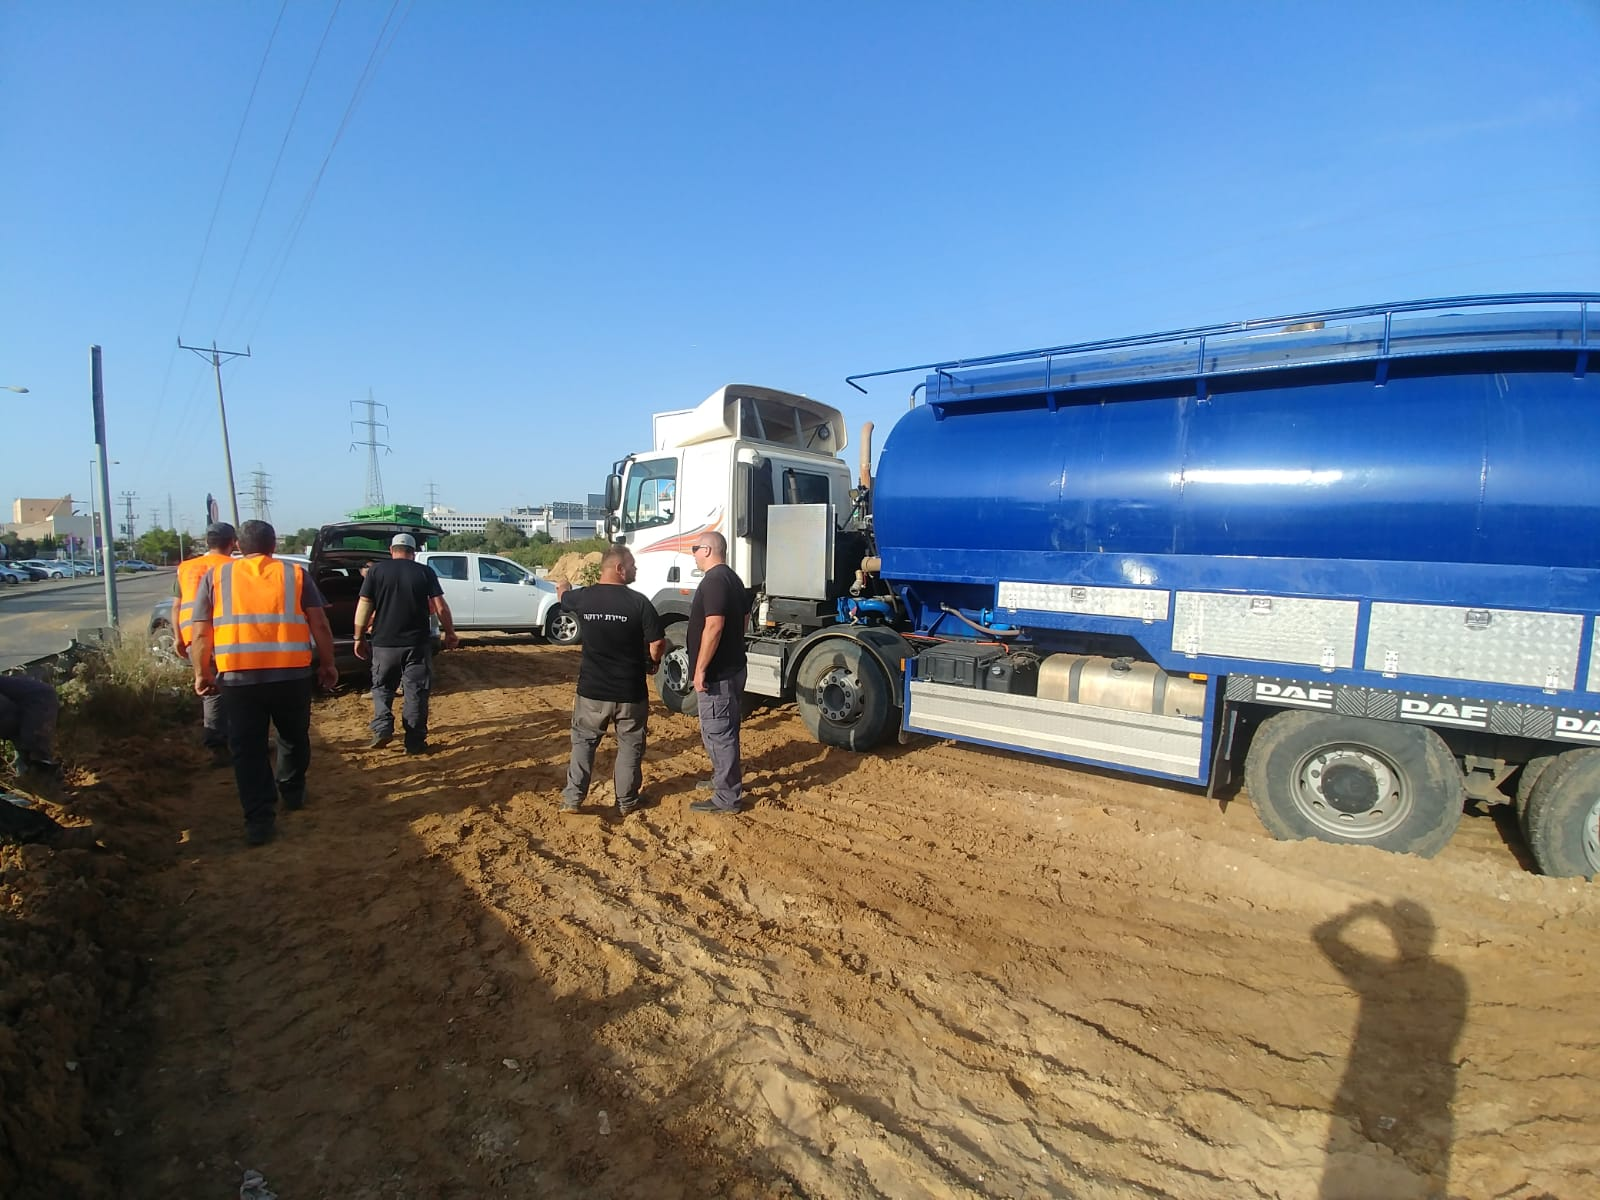 """Photo of נהג משאית מראשון ניצל את ל""""ג בעומר ושפך פסולת בניין באתר התארגנות עד שנתפס. המשאית הוחרמה והוא יועמד לדין פלילי"""